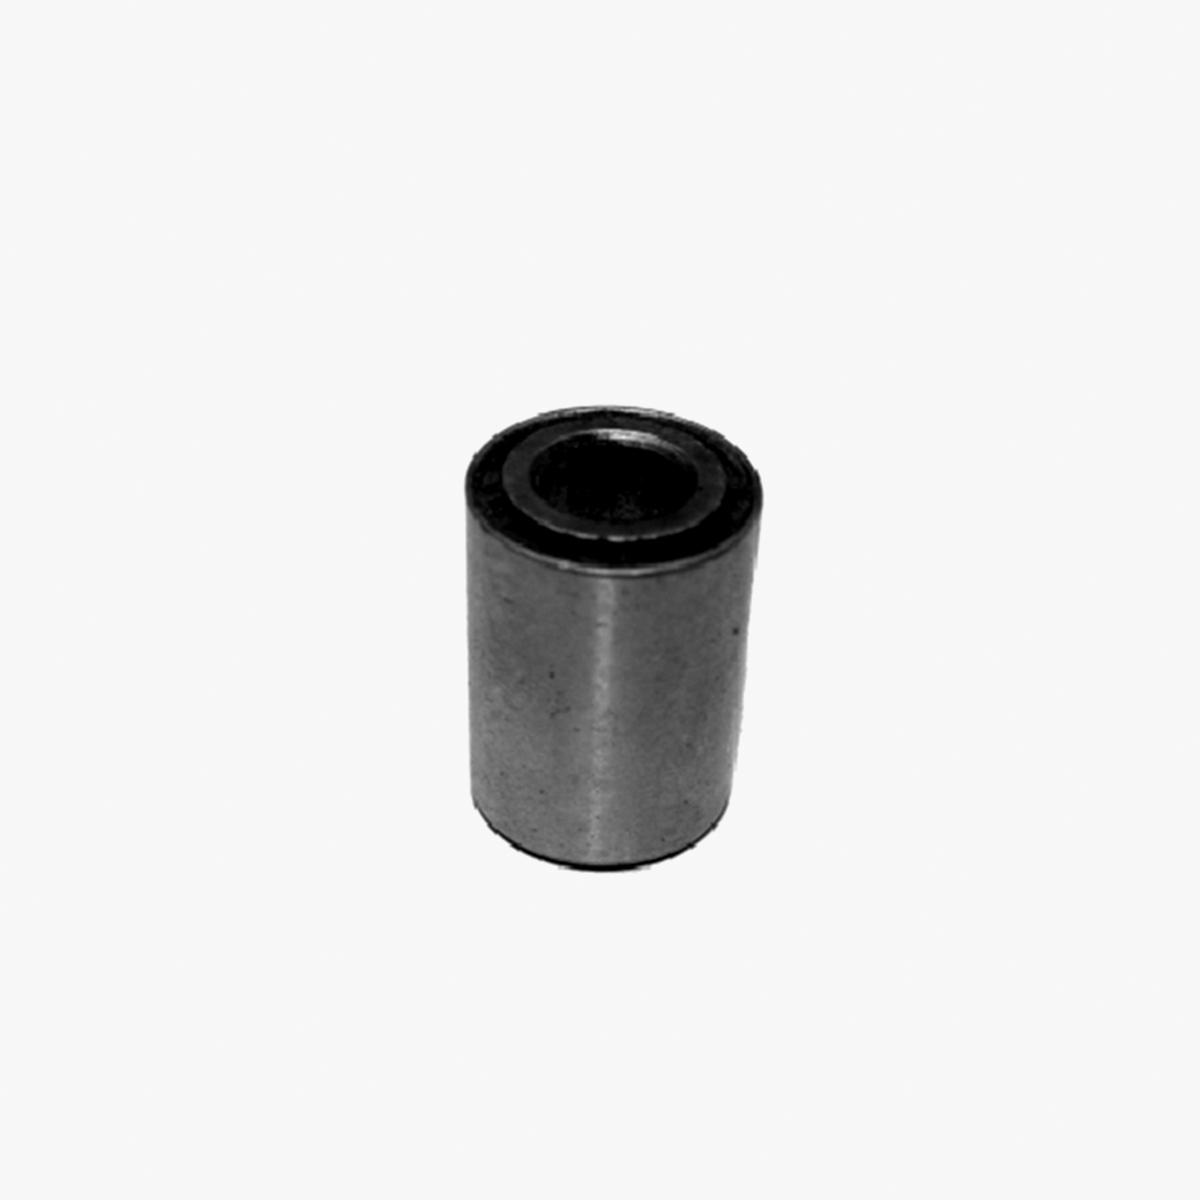 rubber to metal bonding